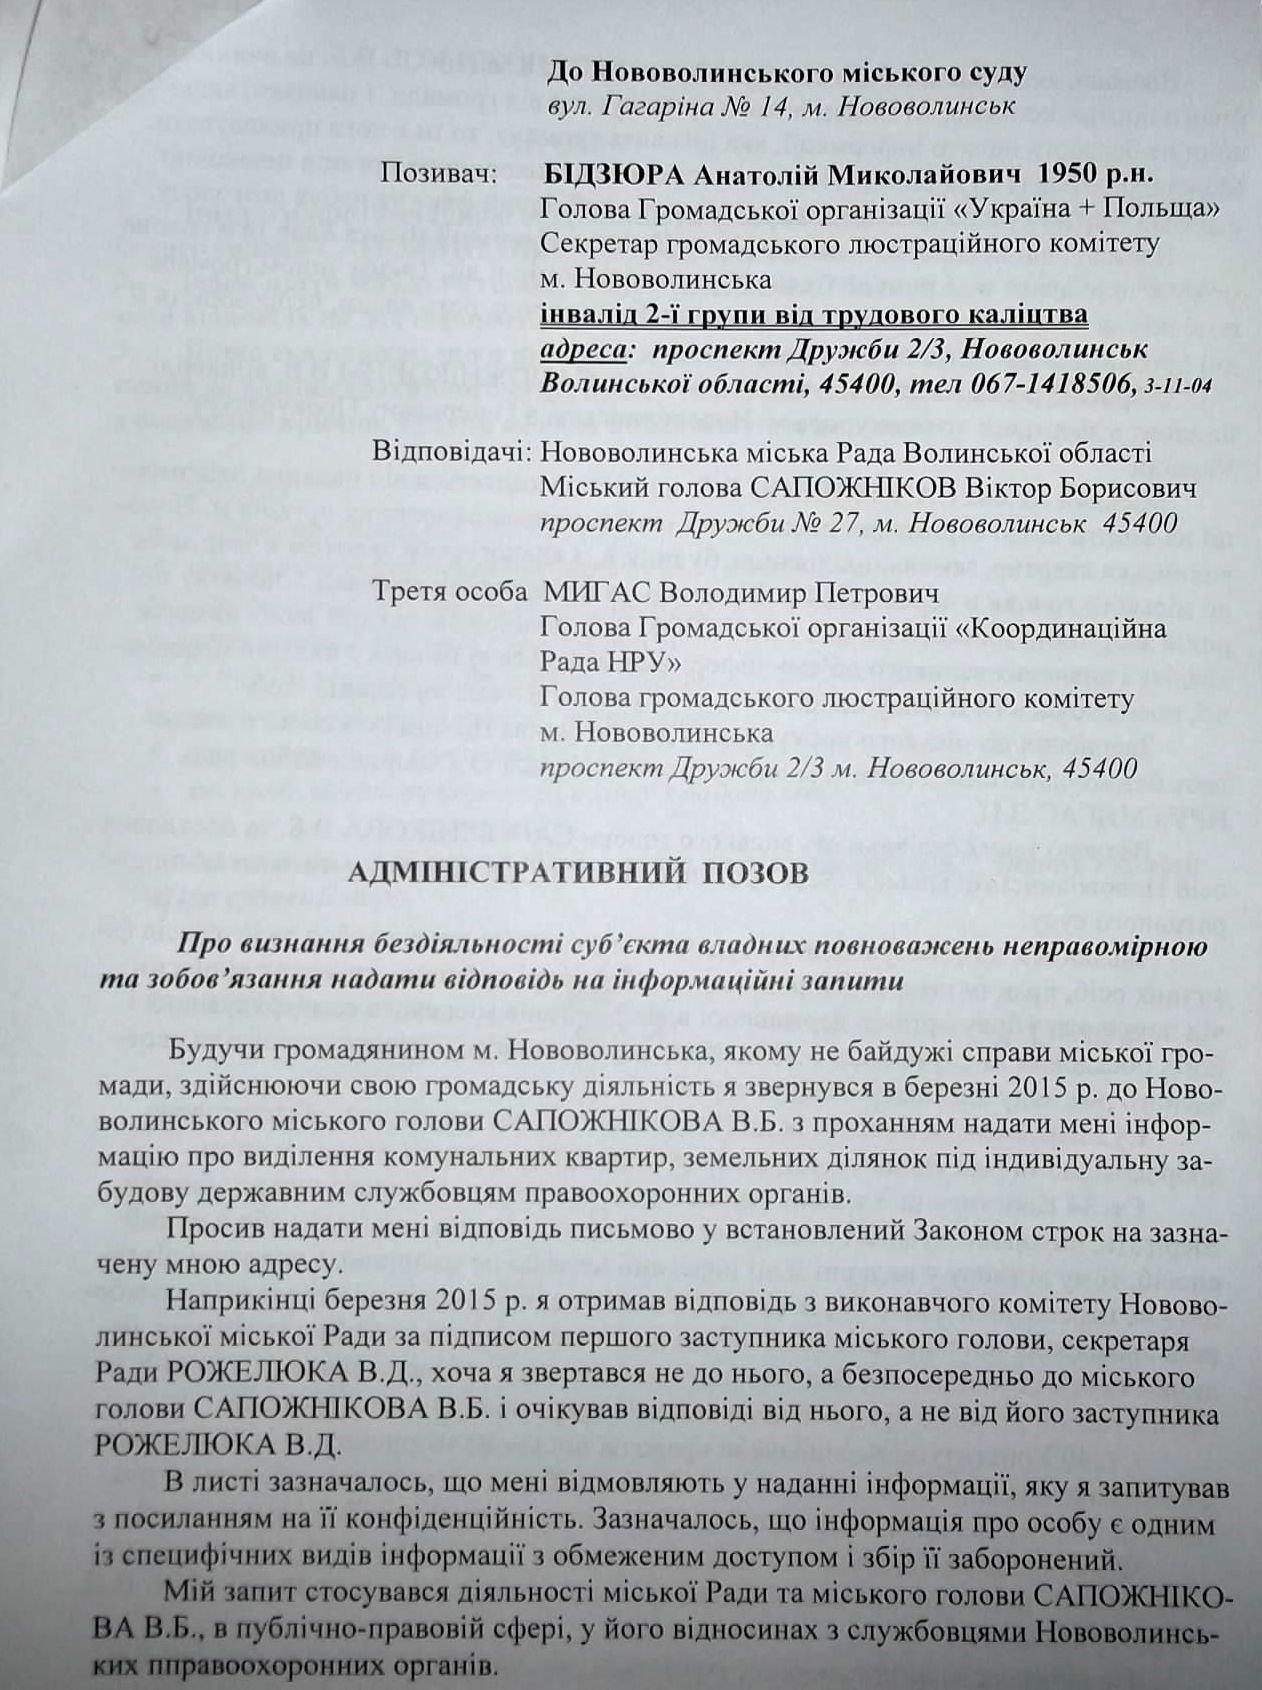 схема судових та правоохоронних органів україни